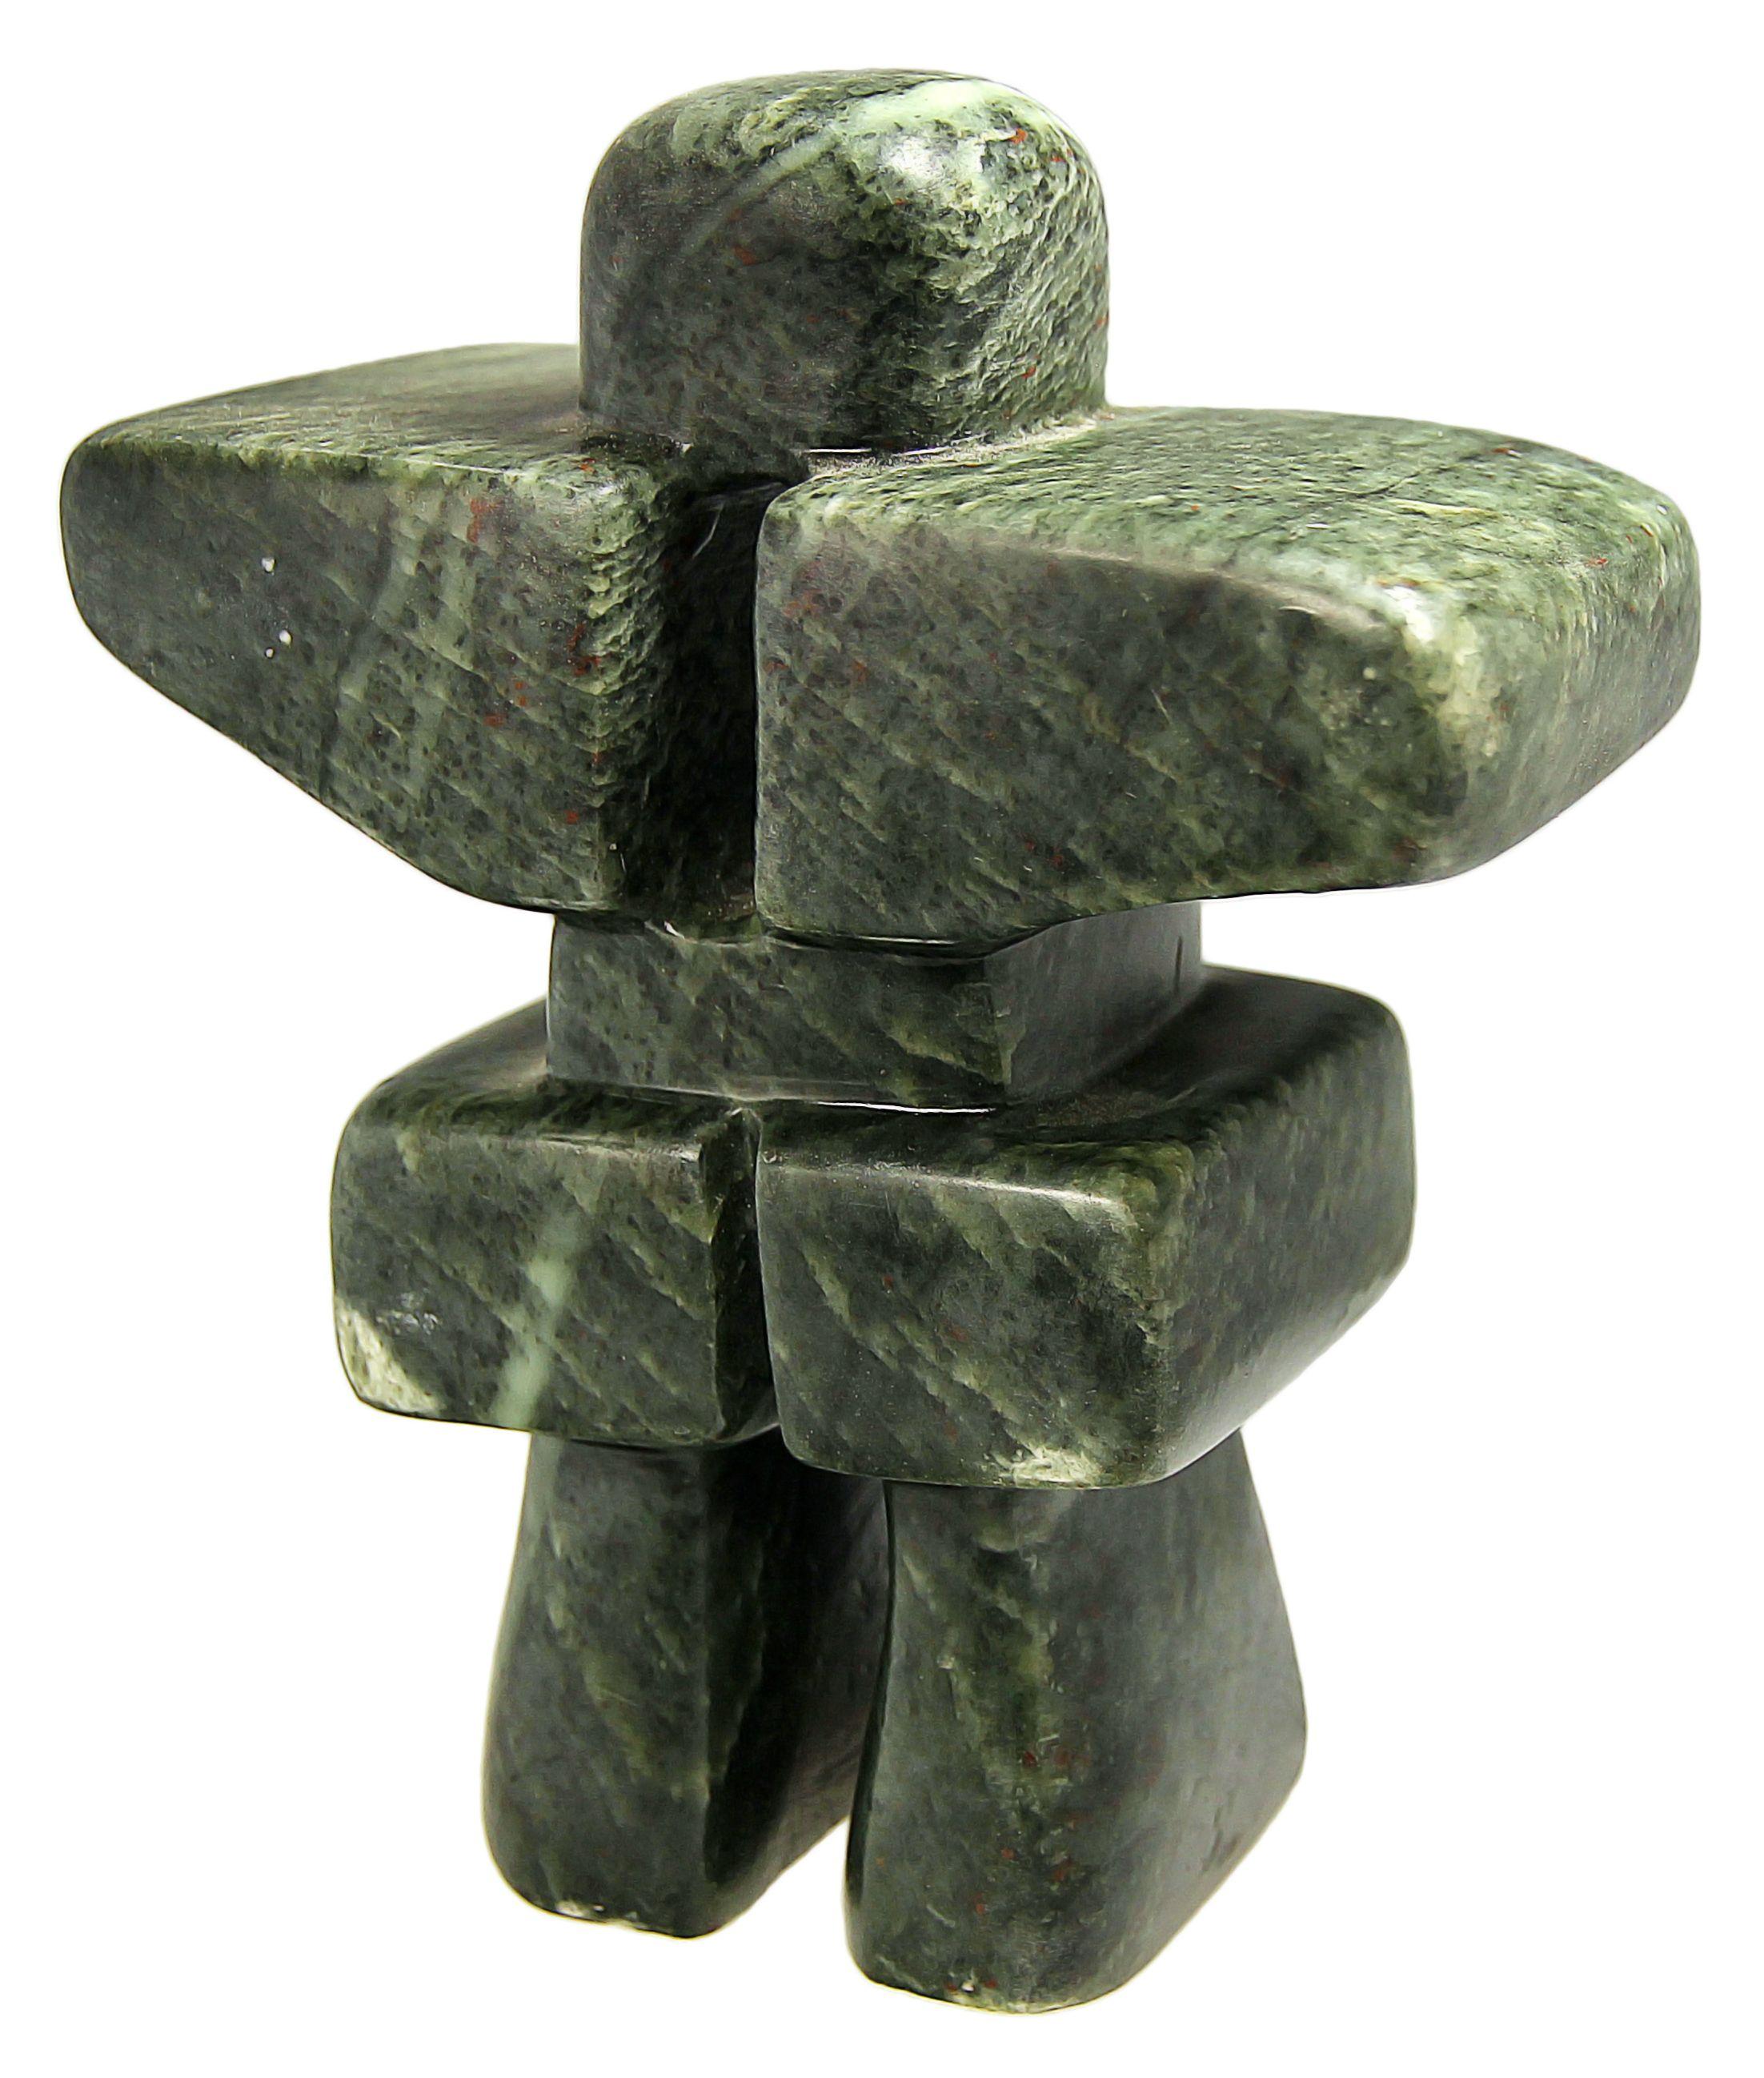 Soapstone d inukshuk carving rubble road kits